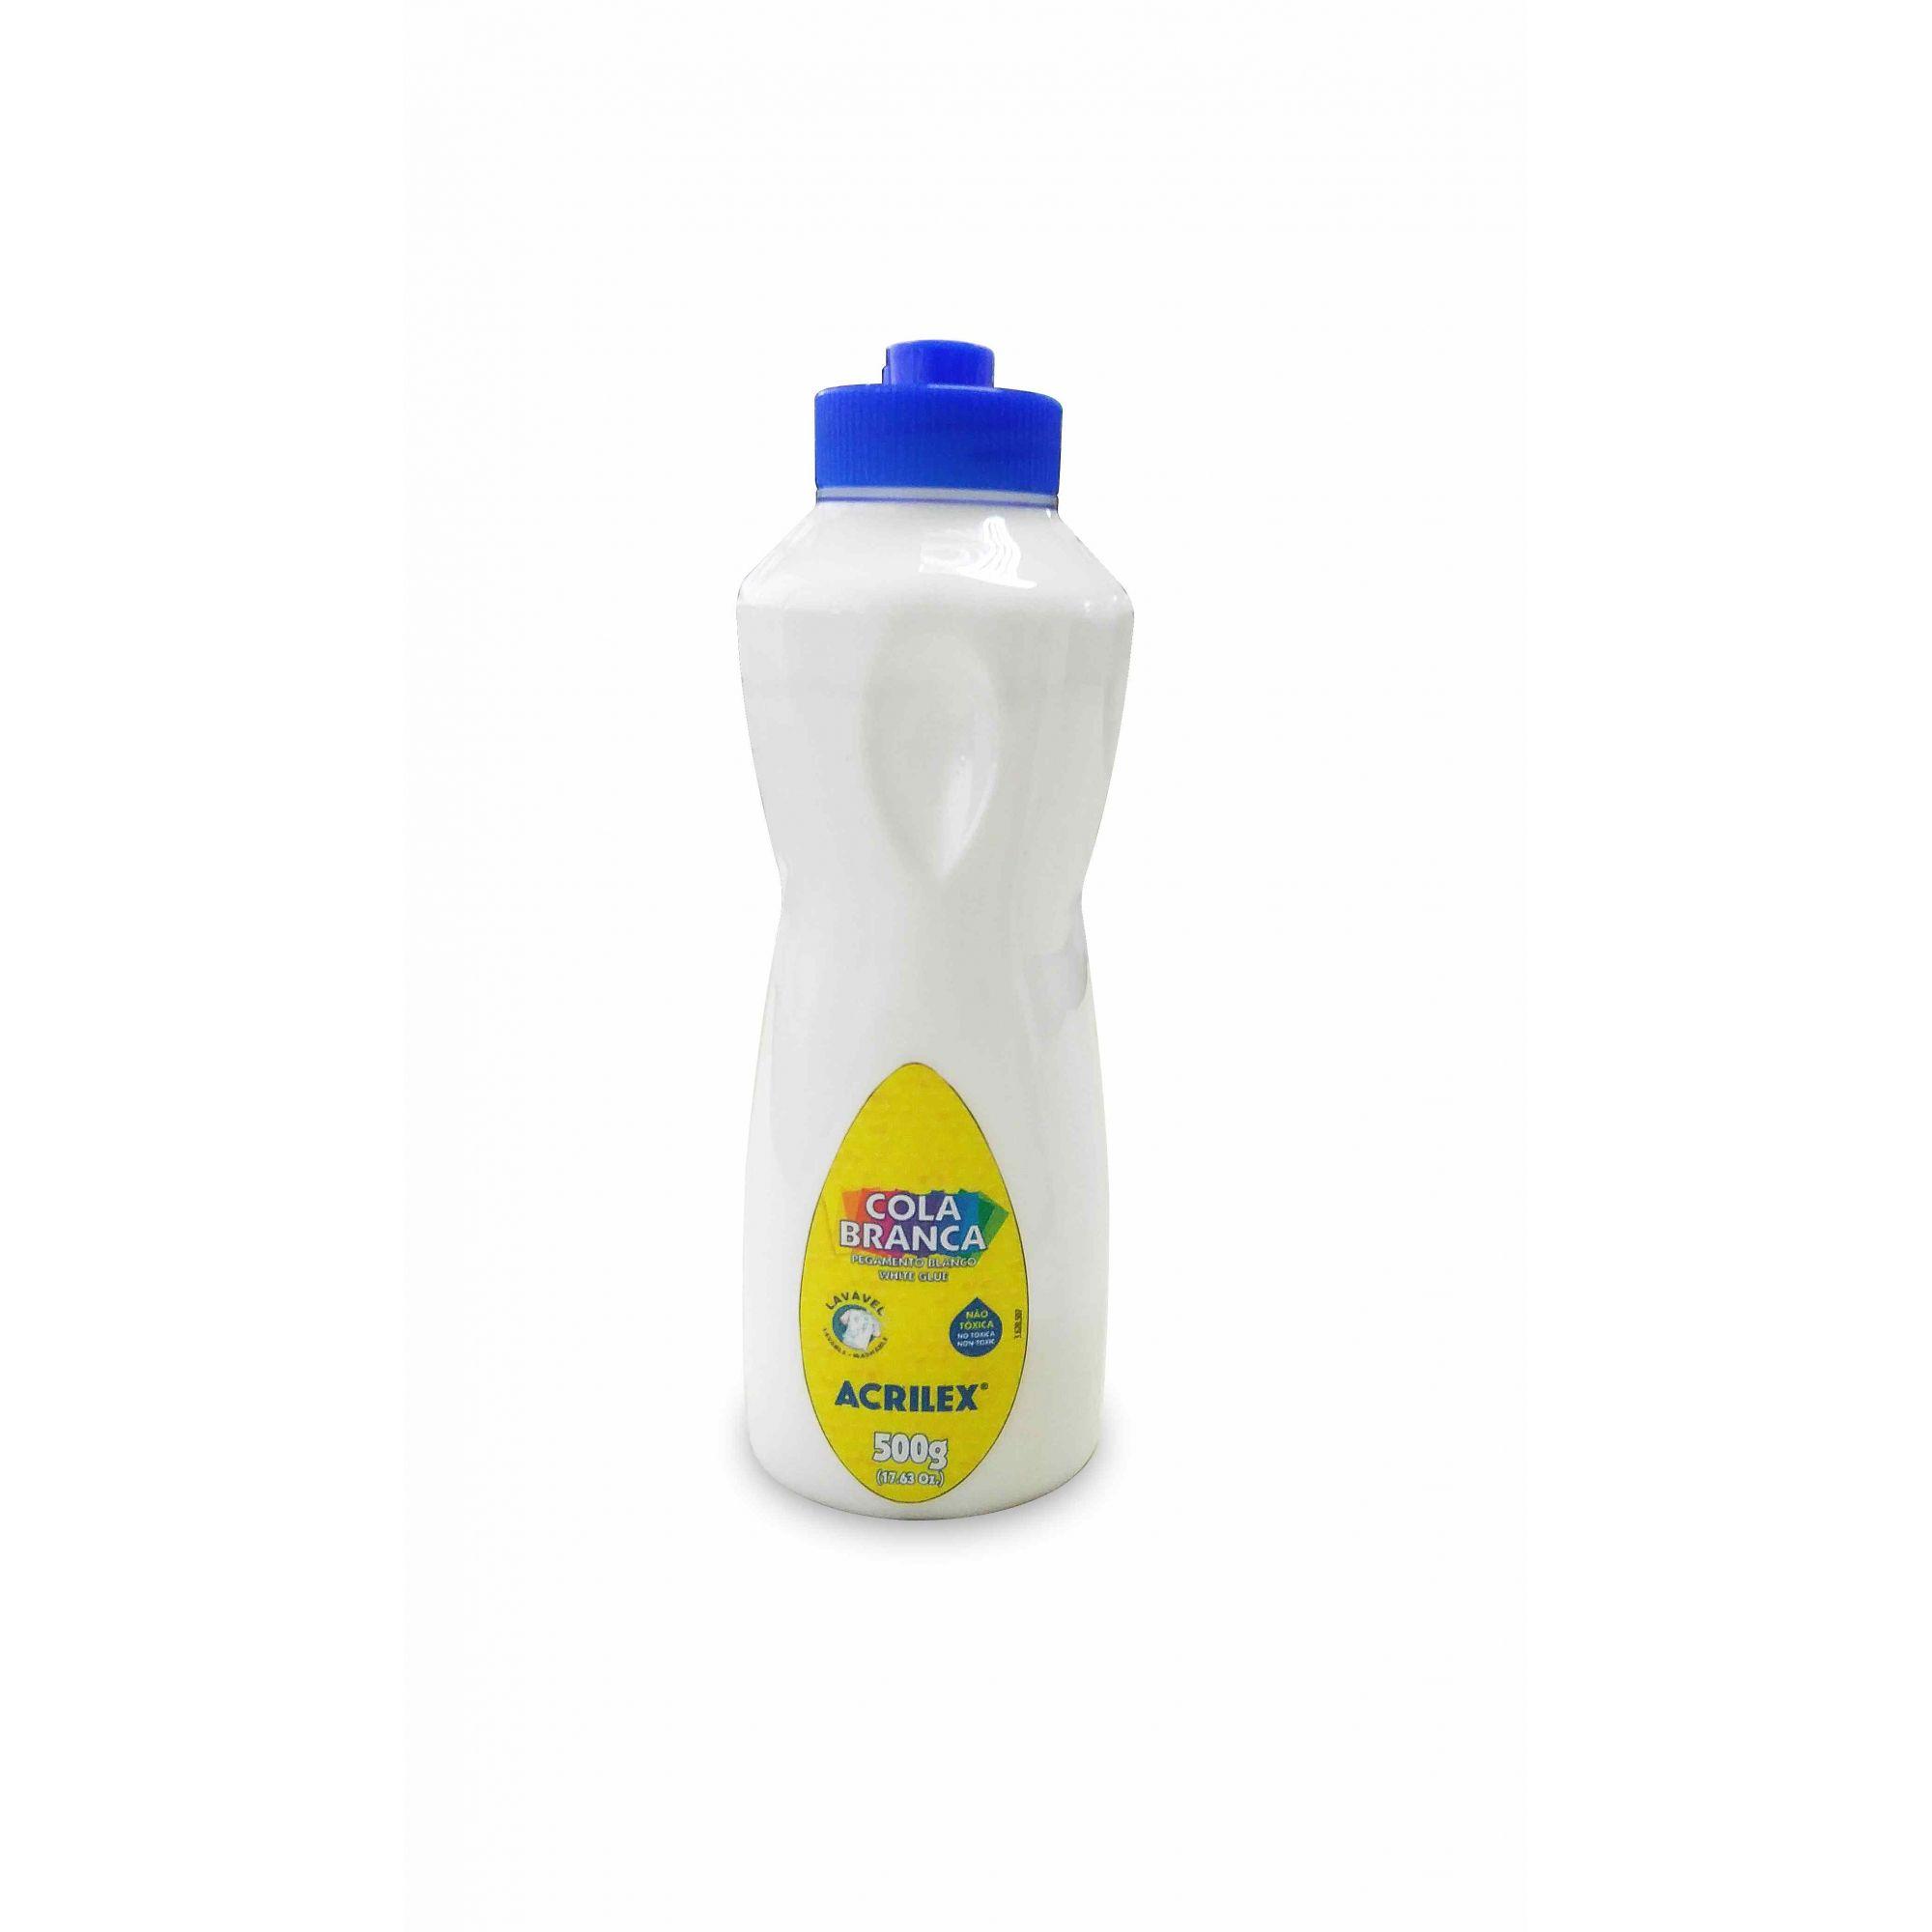 Cola branca 500g Acrilex